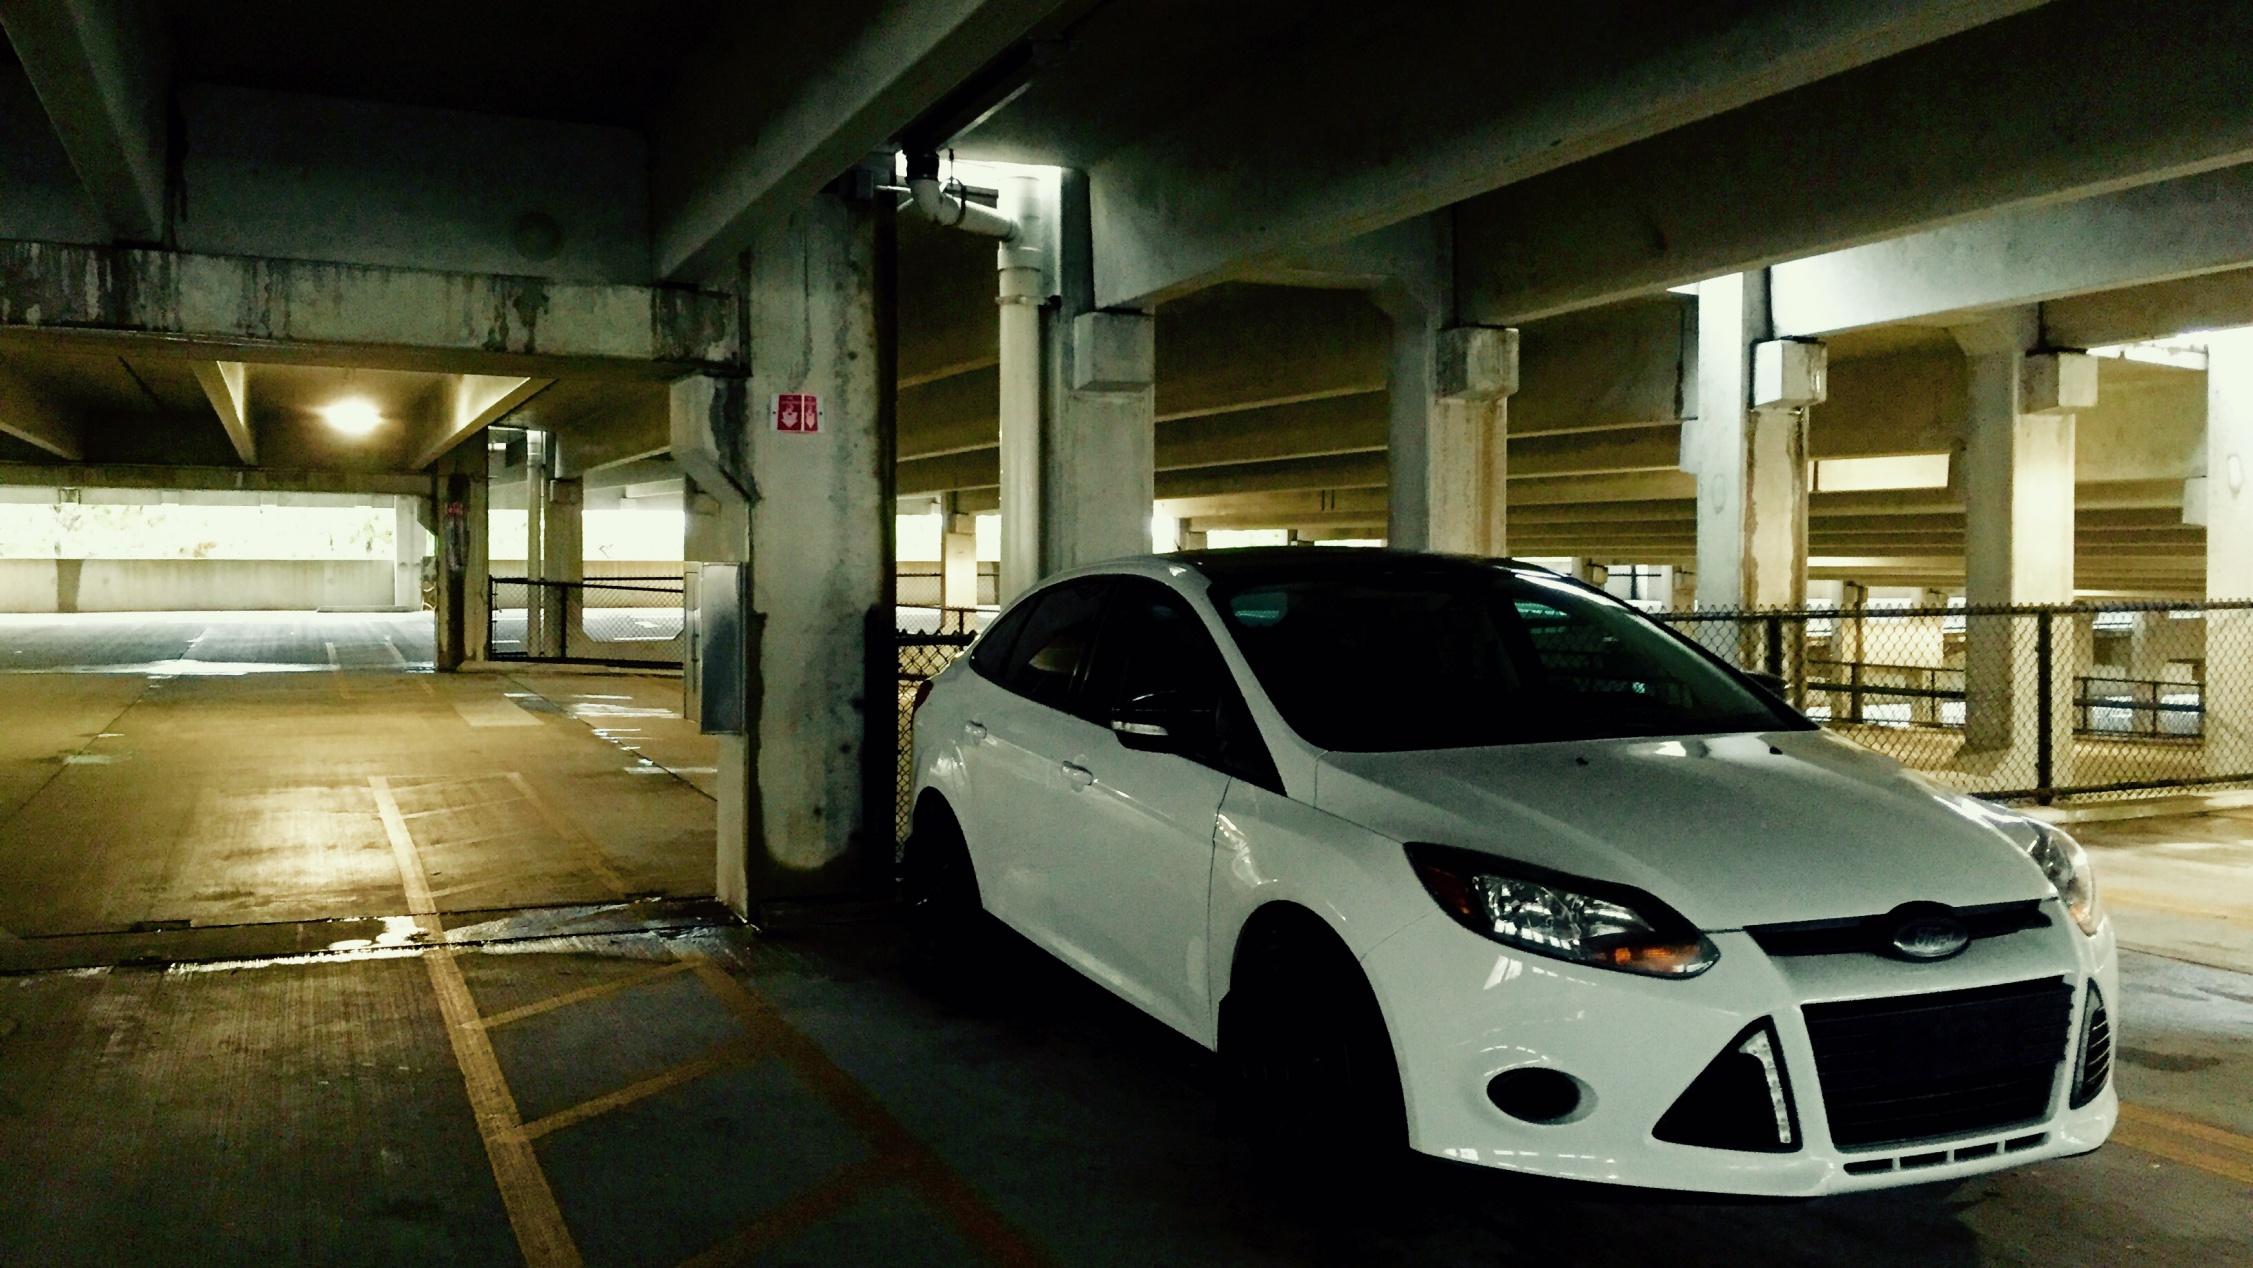 2014 ford focus sedan build thread image1 jpg